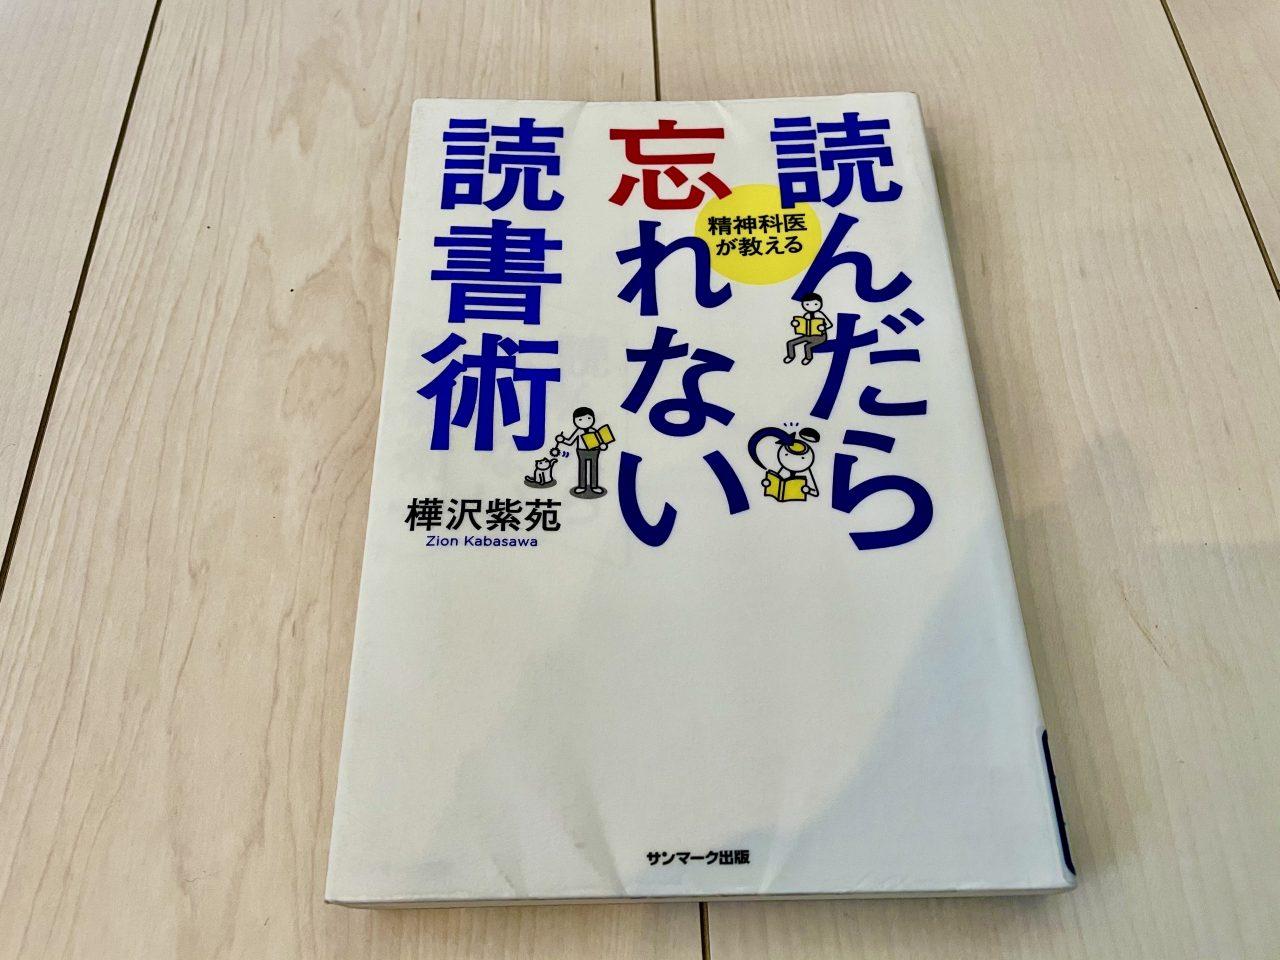 『読んだら忘れない読書術』樺沢紫苑